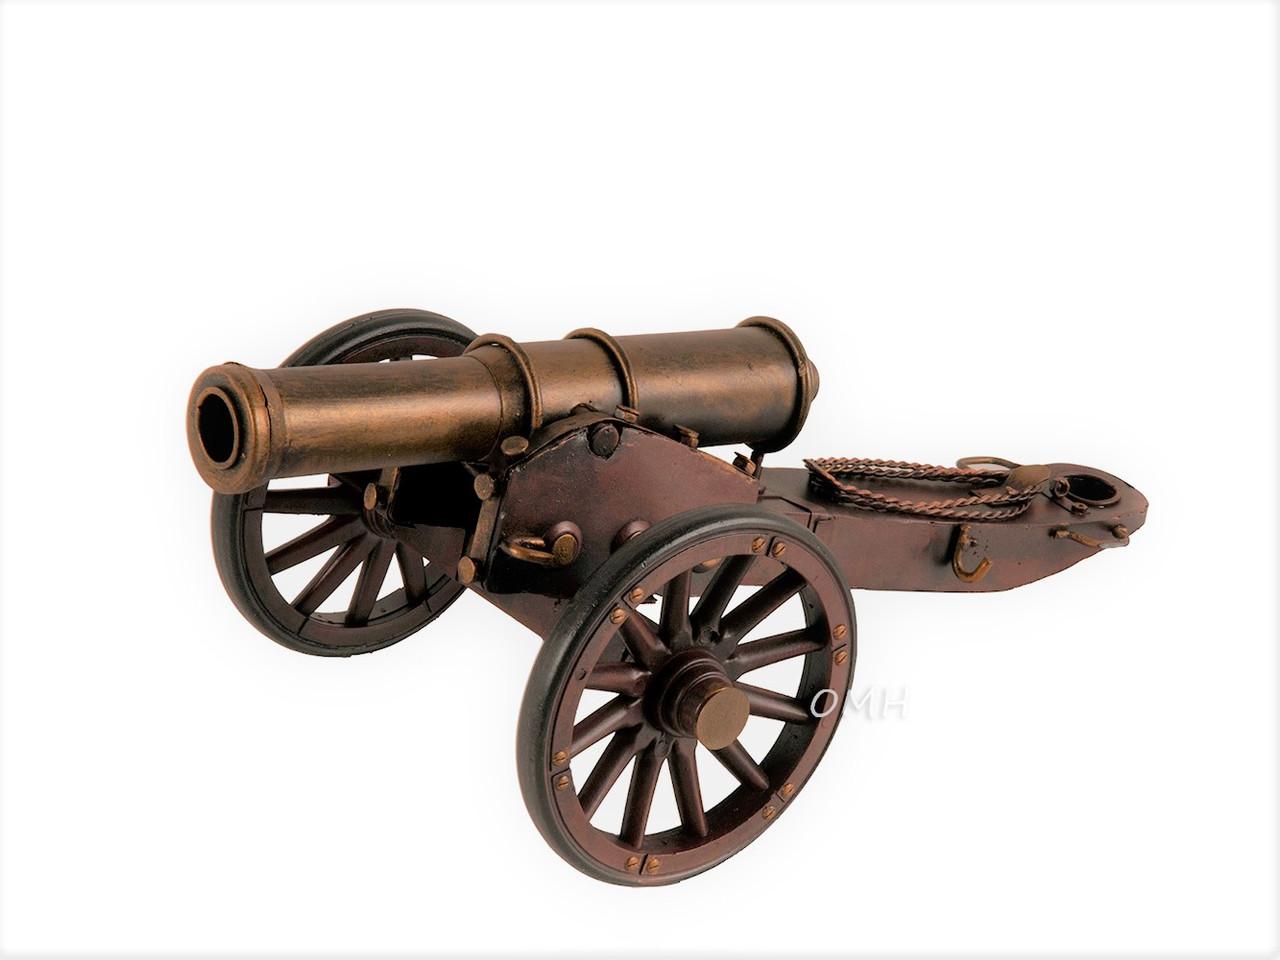 Civil War Artillery Cannon Metal Model American Civil War Military